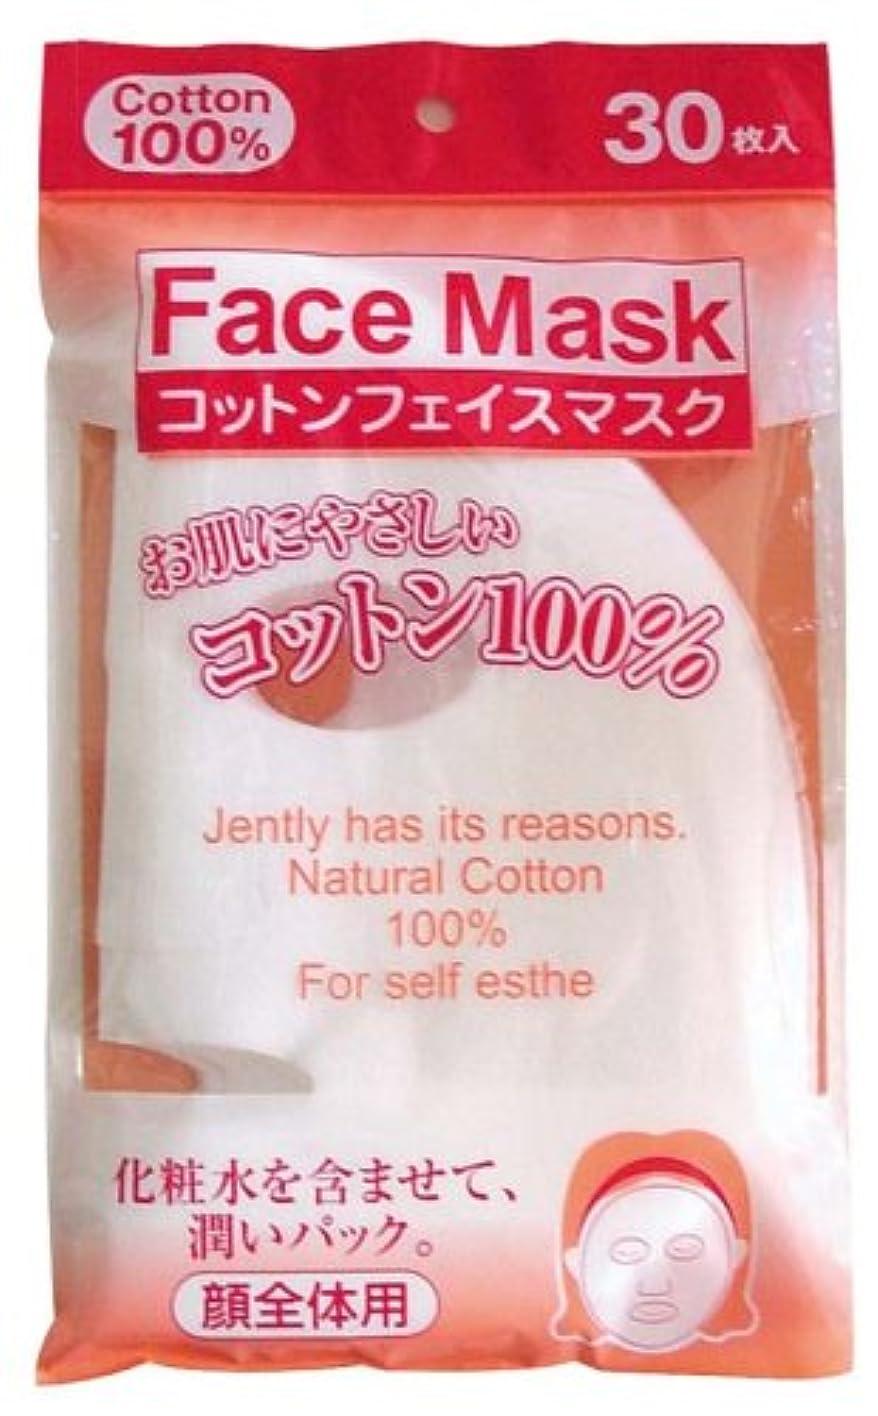 方向認識一緒コットン フェイス マスク 30枚